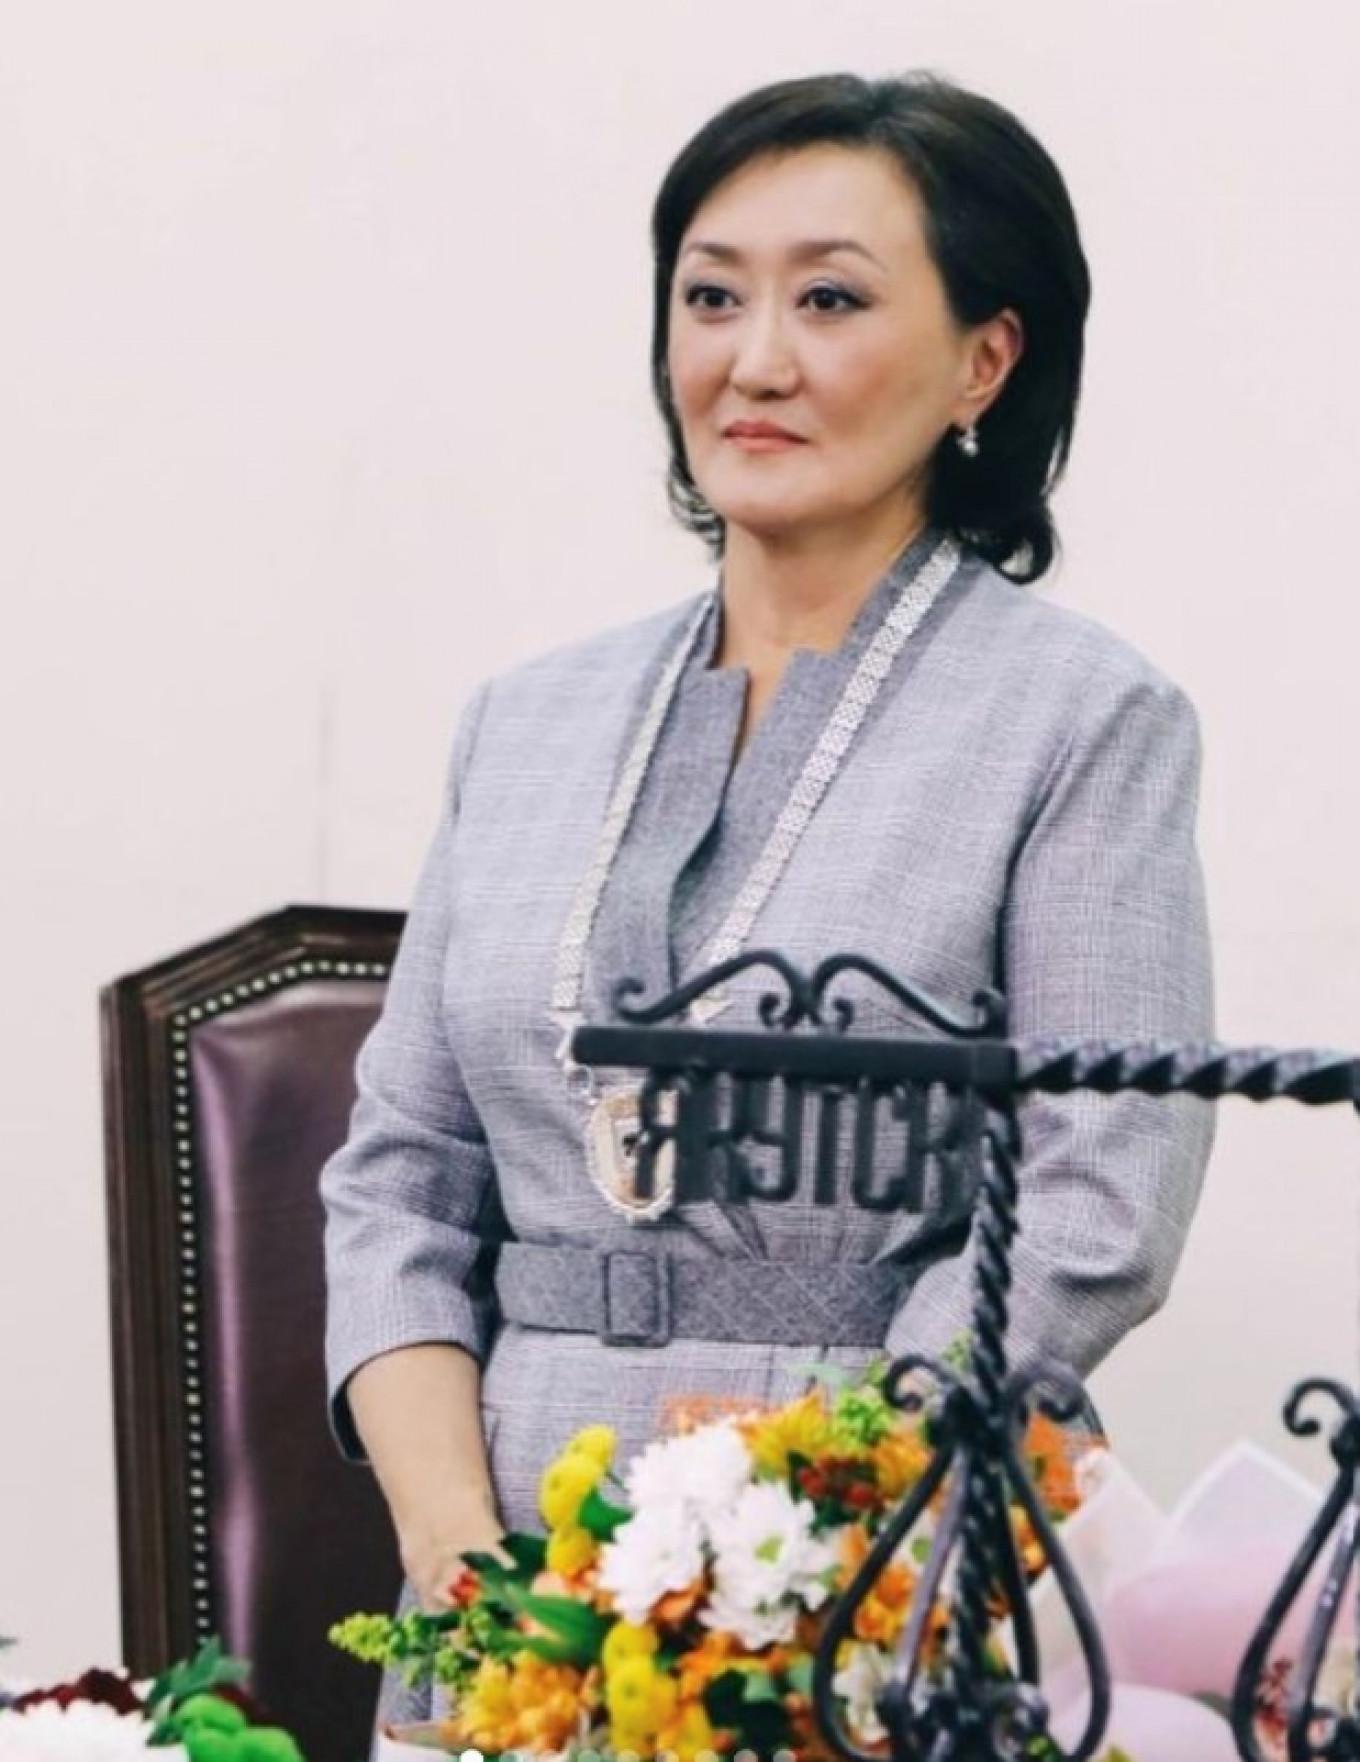 Mayor of Yakutsk Instagram